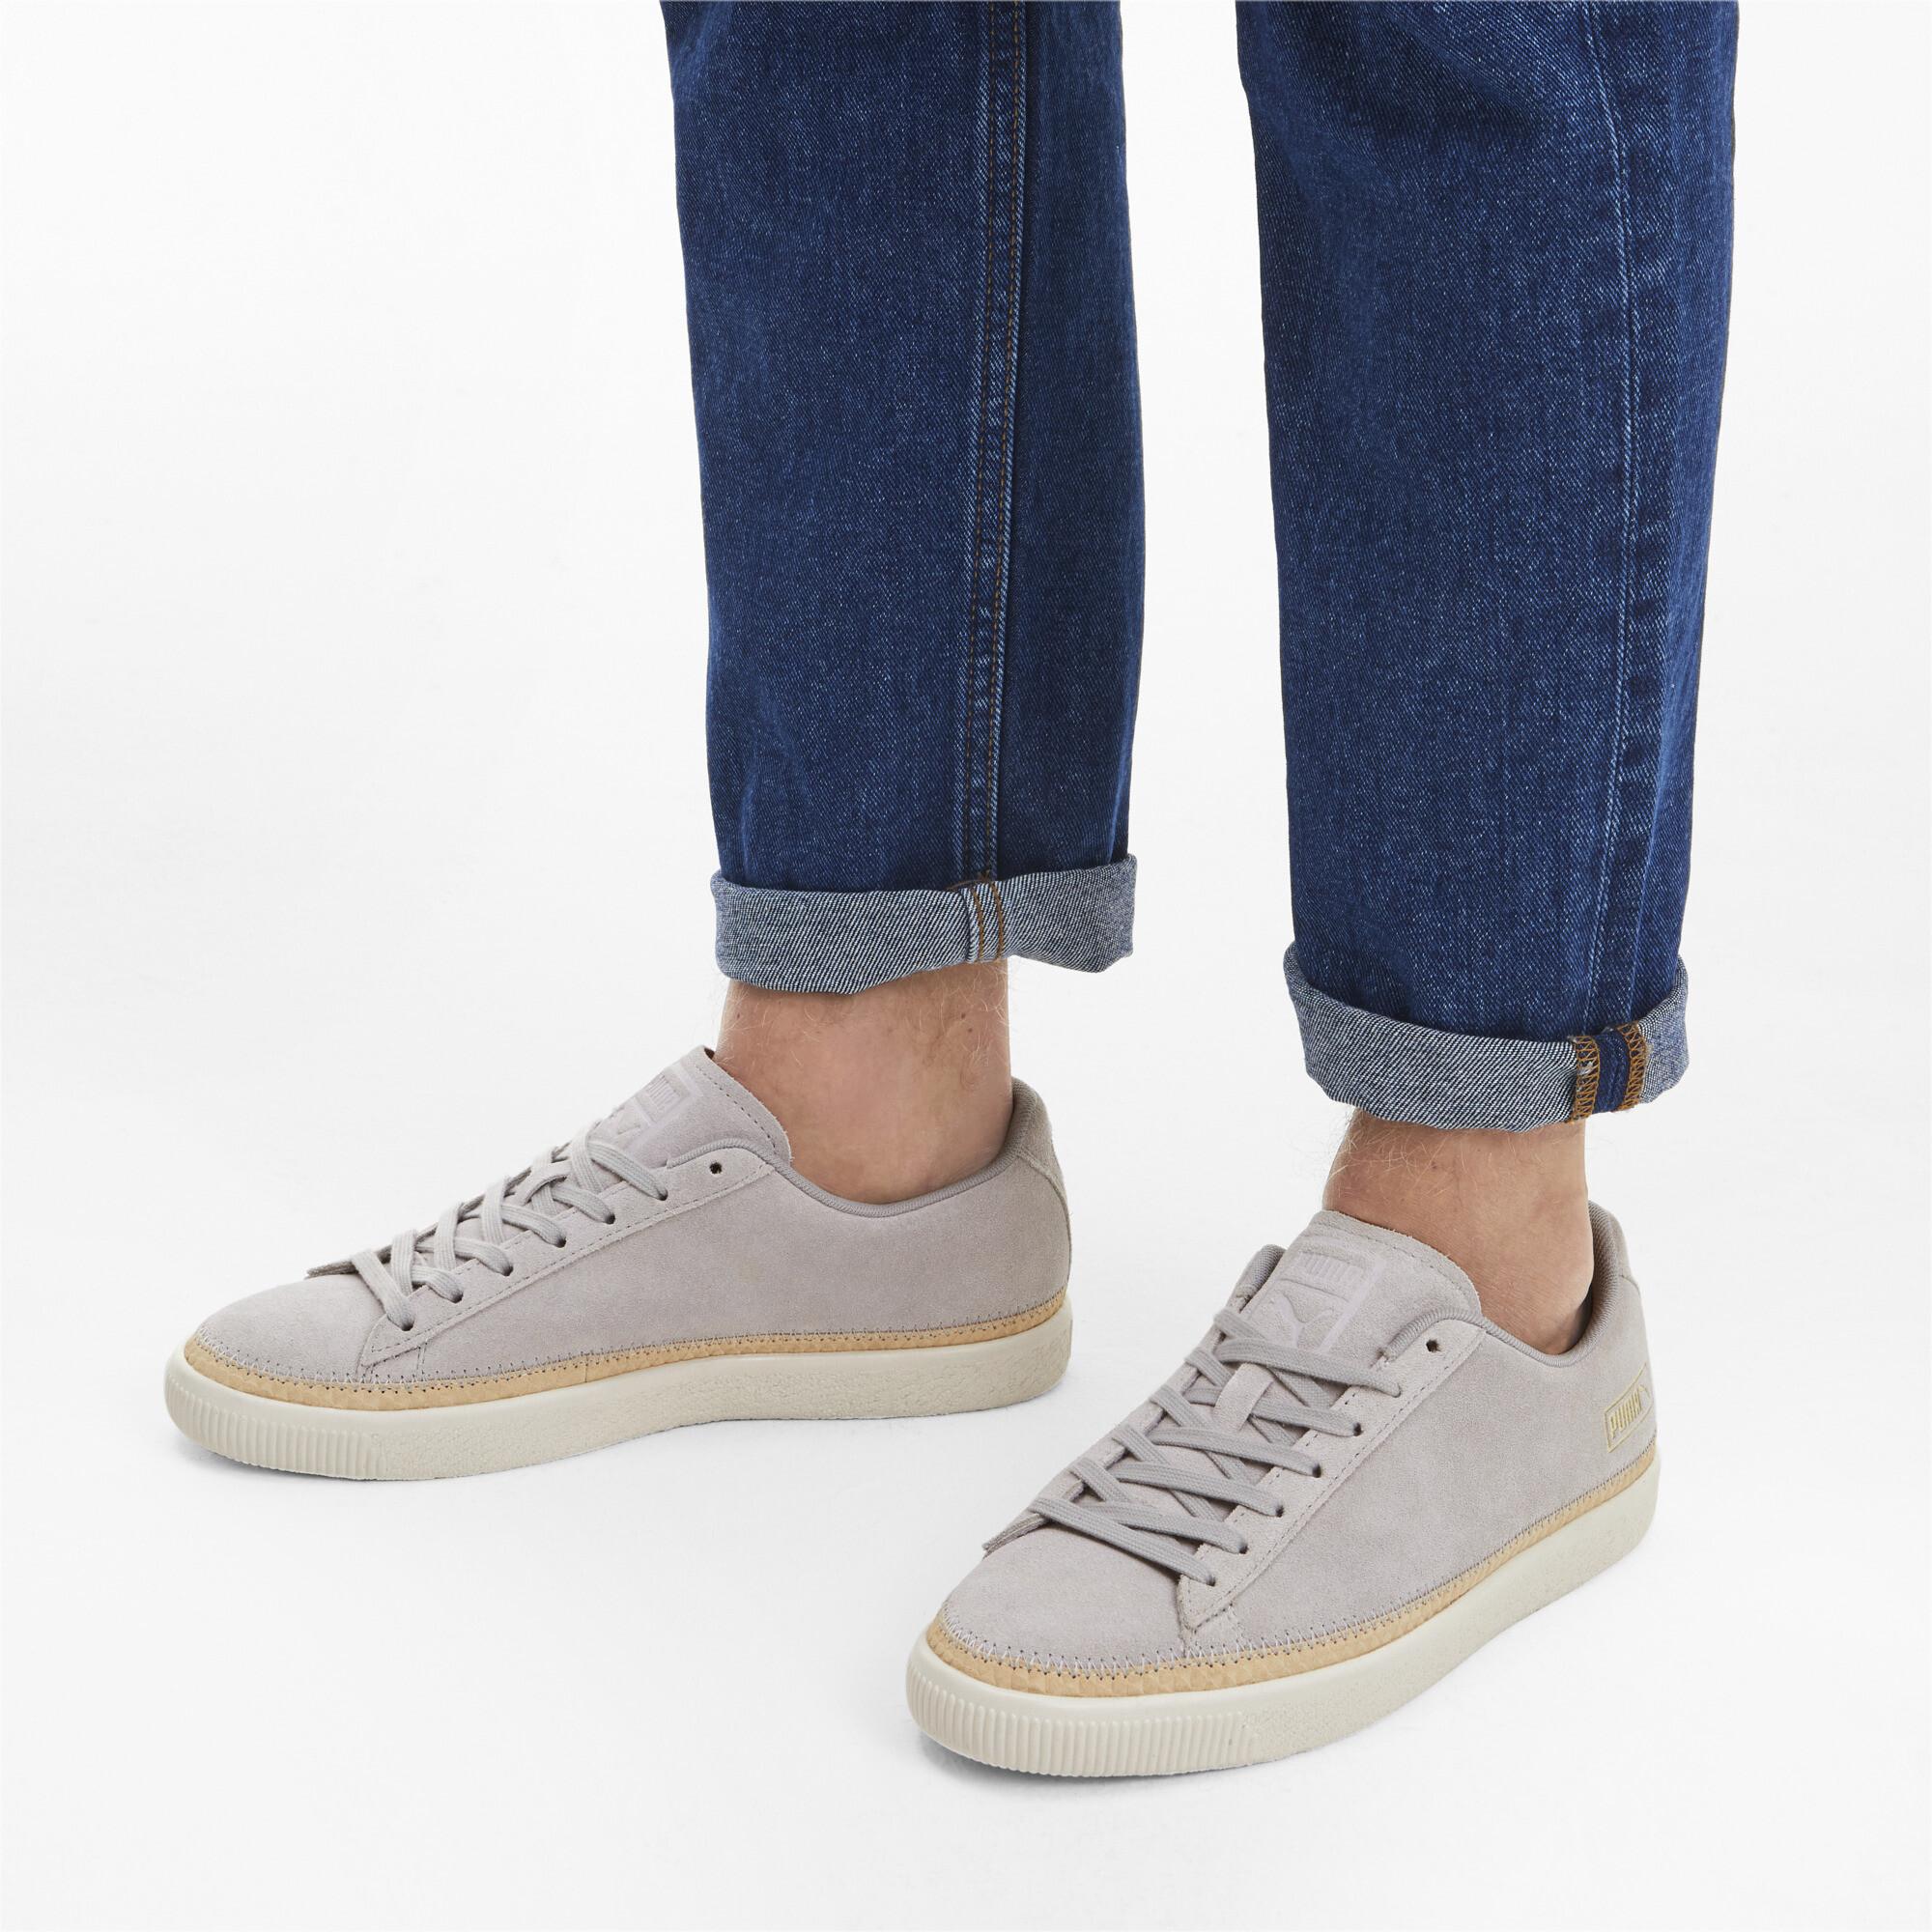 PUMA-Men-039-s-Suede-Trim-DLX-Sneakers thumbnail 5